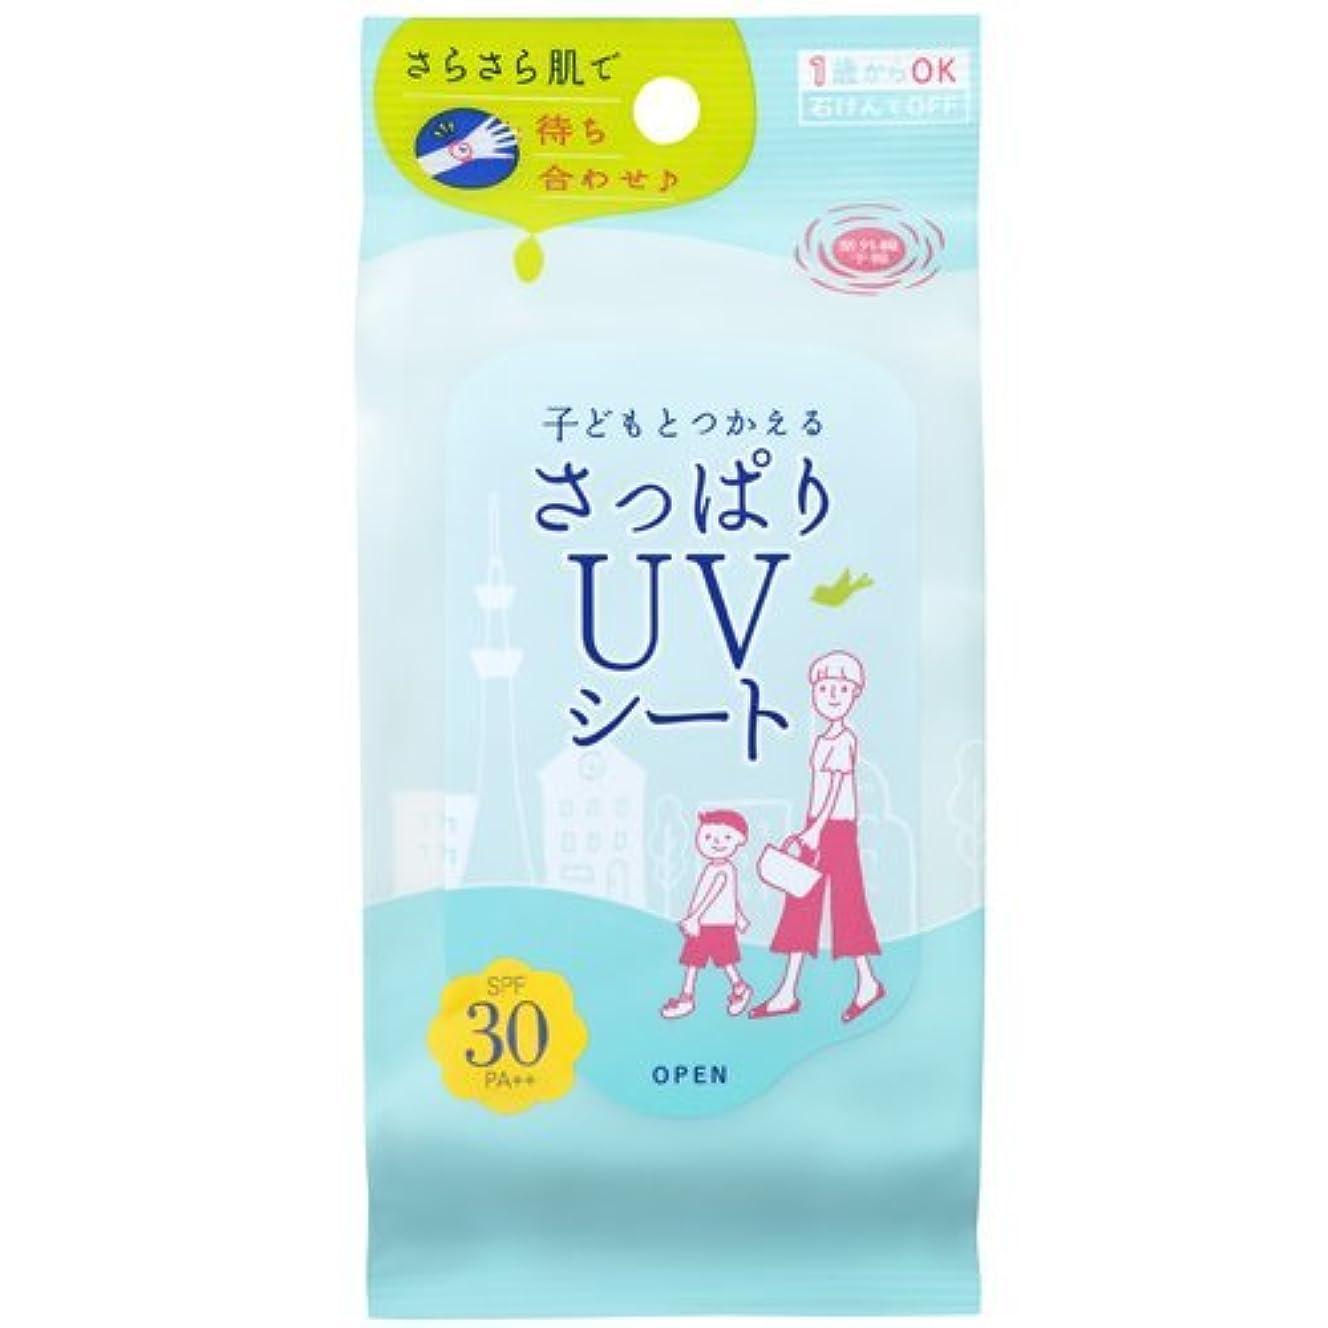 肝暴動倉庫石澤研究所 紫外線予報 さっぱりUVシート 30枚入